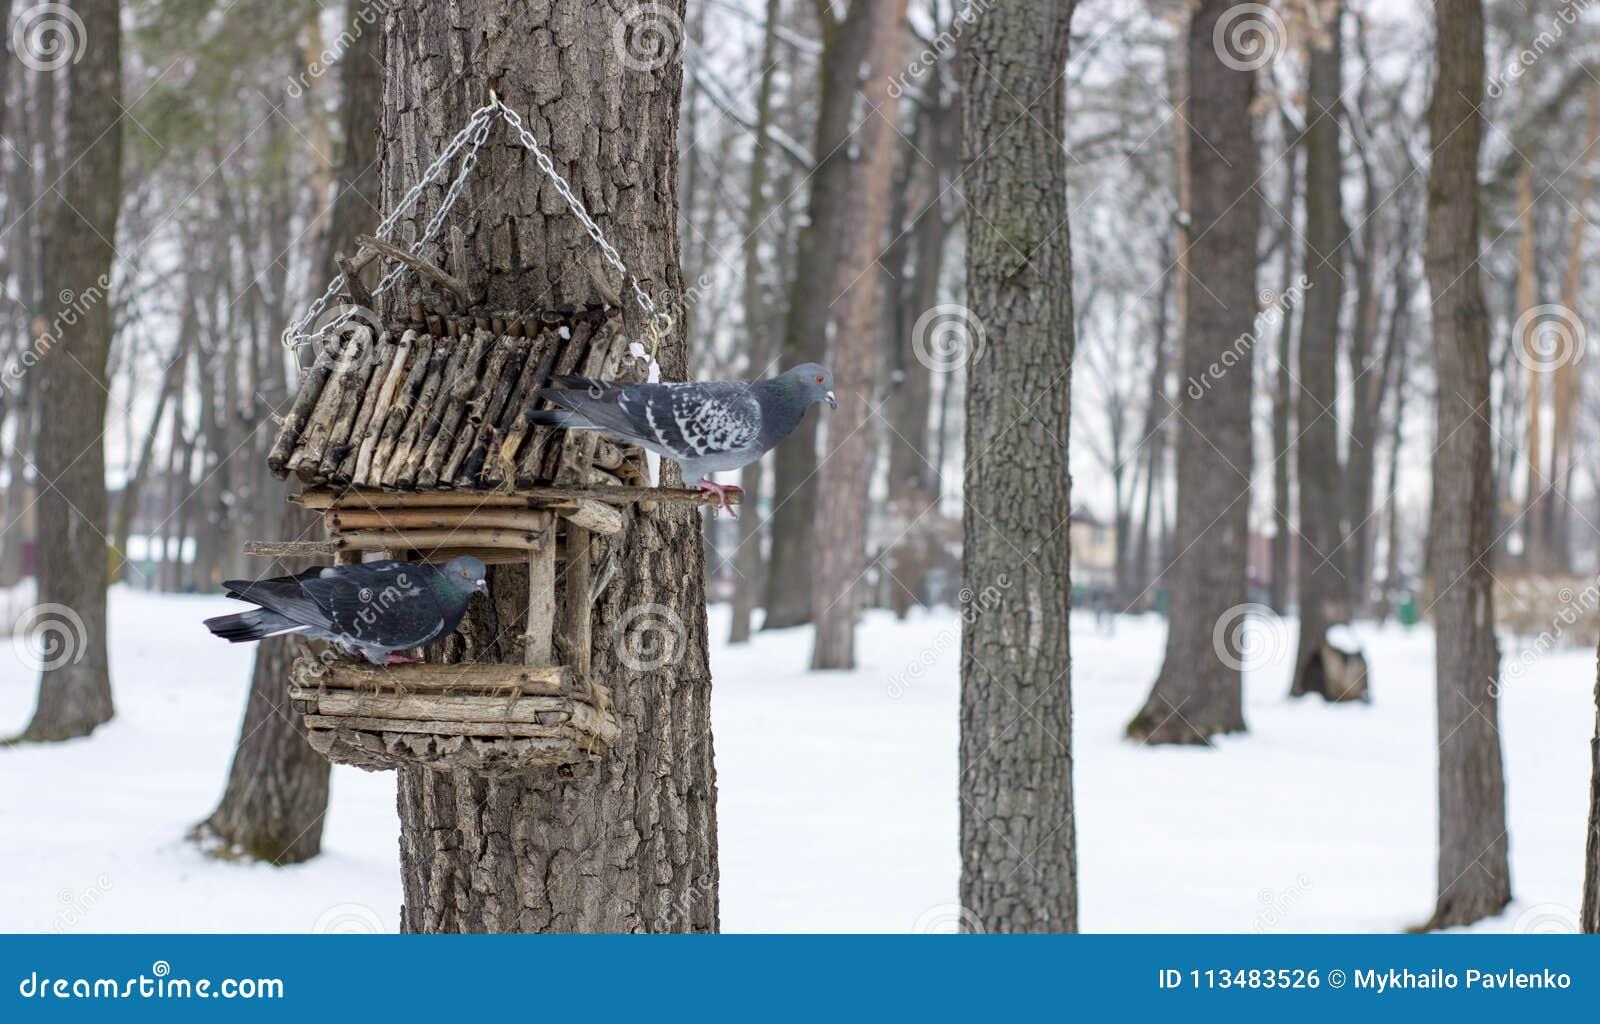 O pombo em uma calha de alimentação no inverno